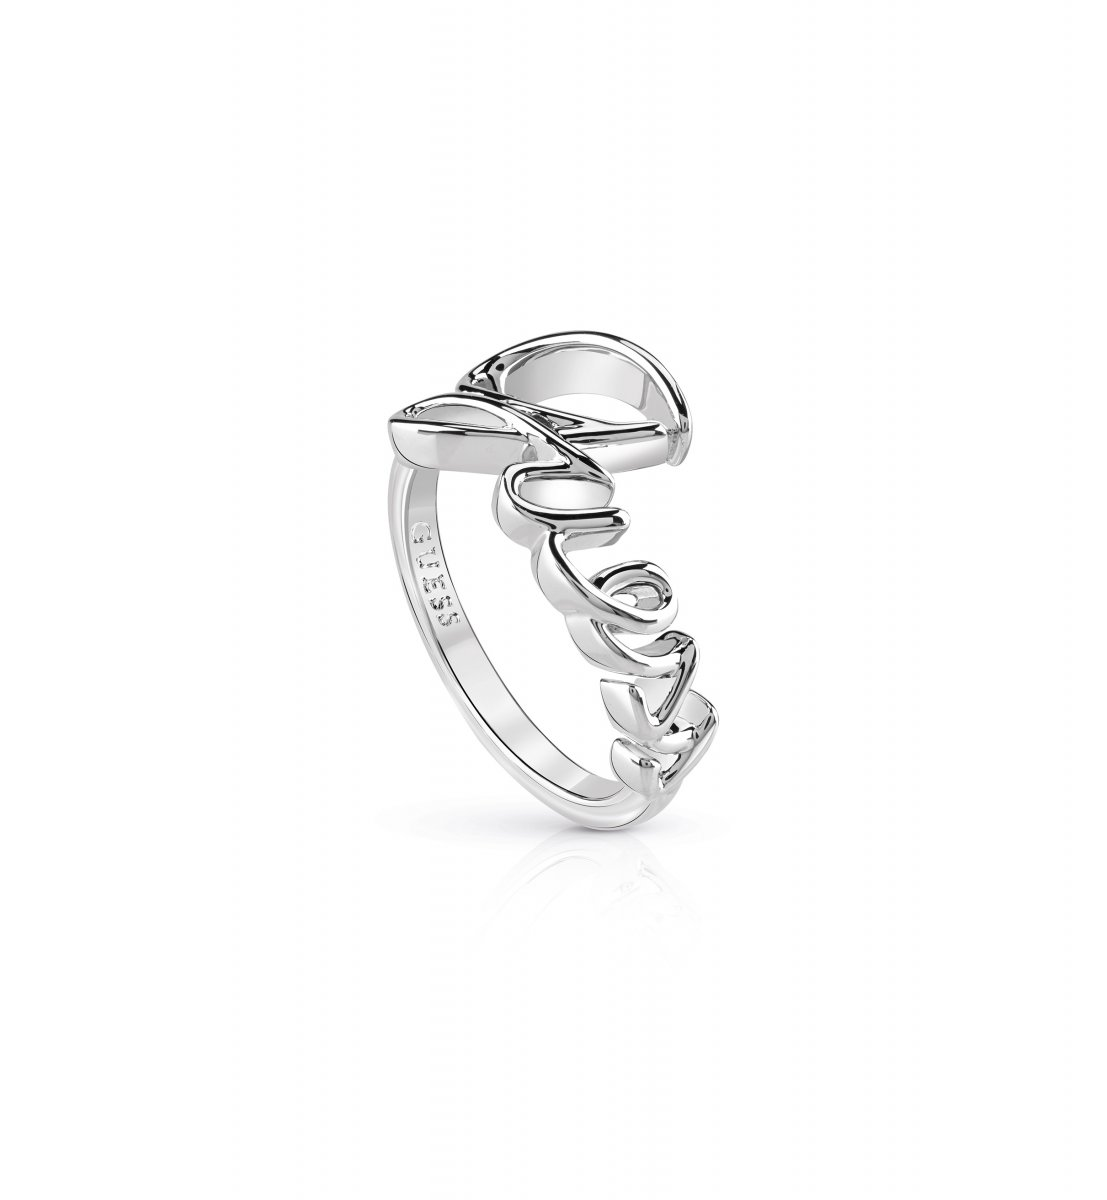 Strieborný prsteň GUESS s nápisom Guess